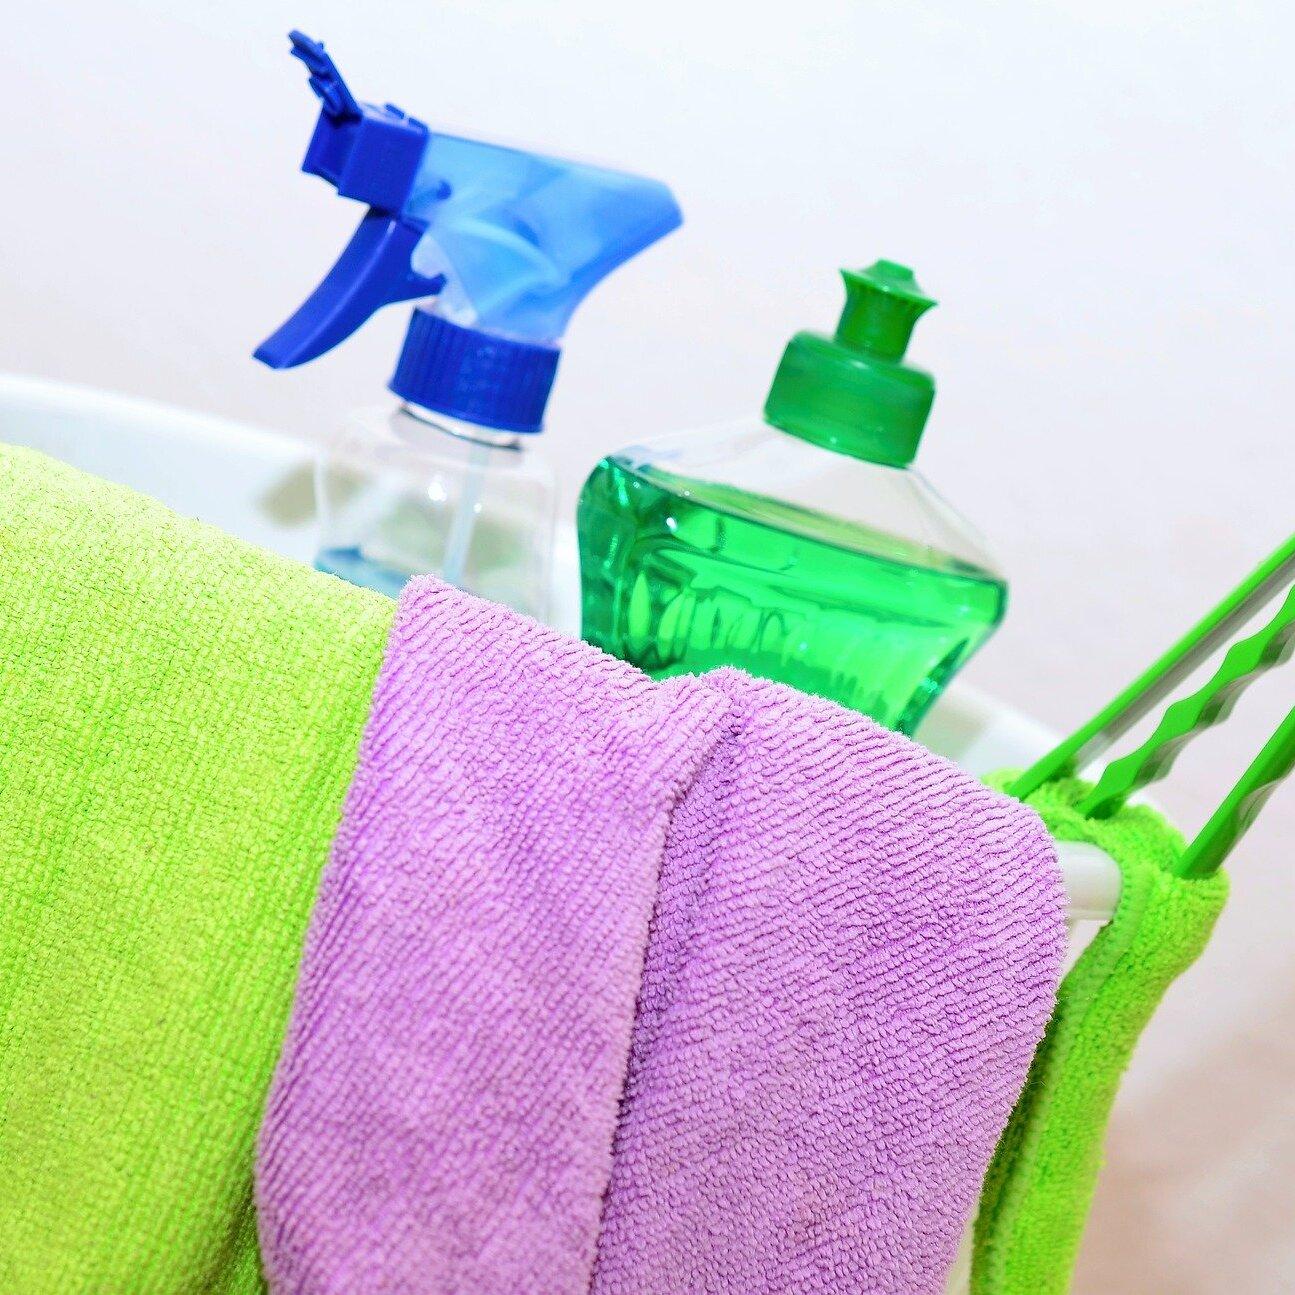 Sind Waschmittel eine Gefahr für unsere Gesundheit